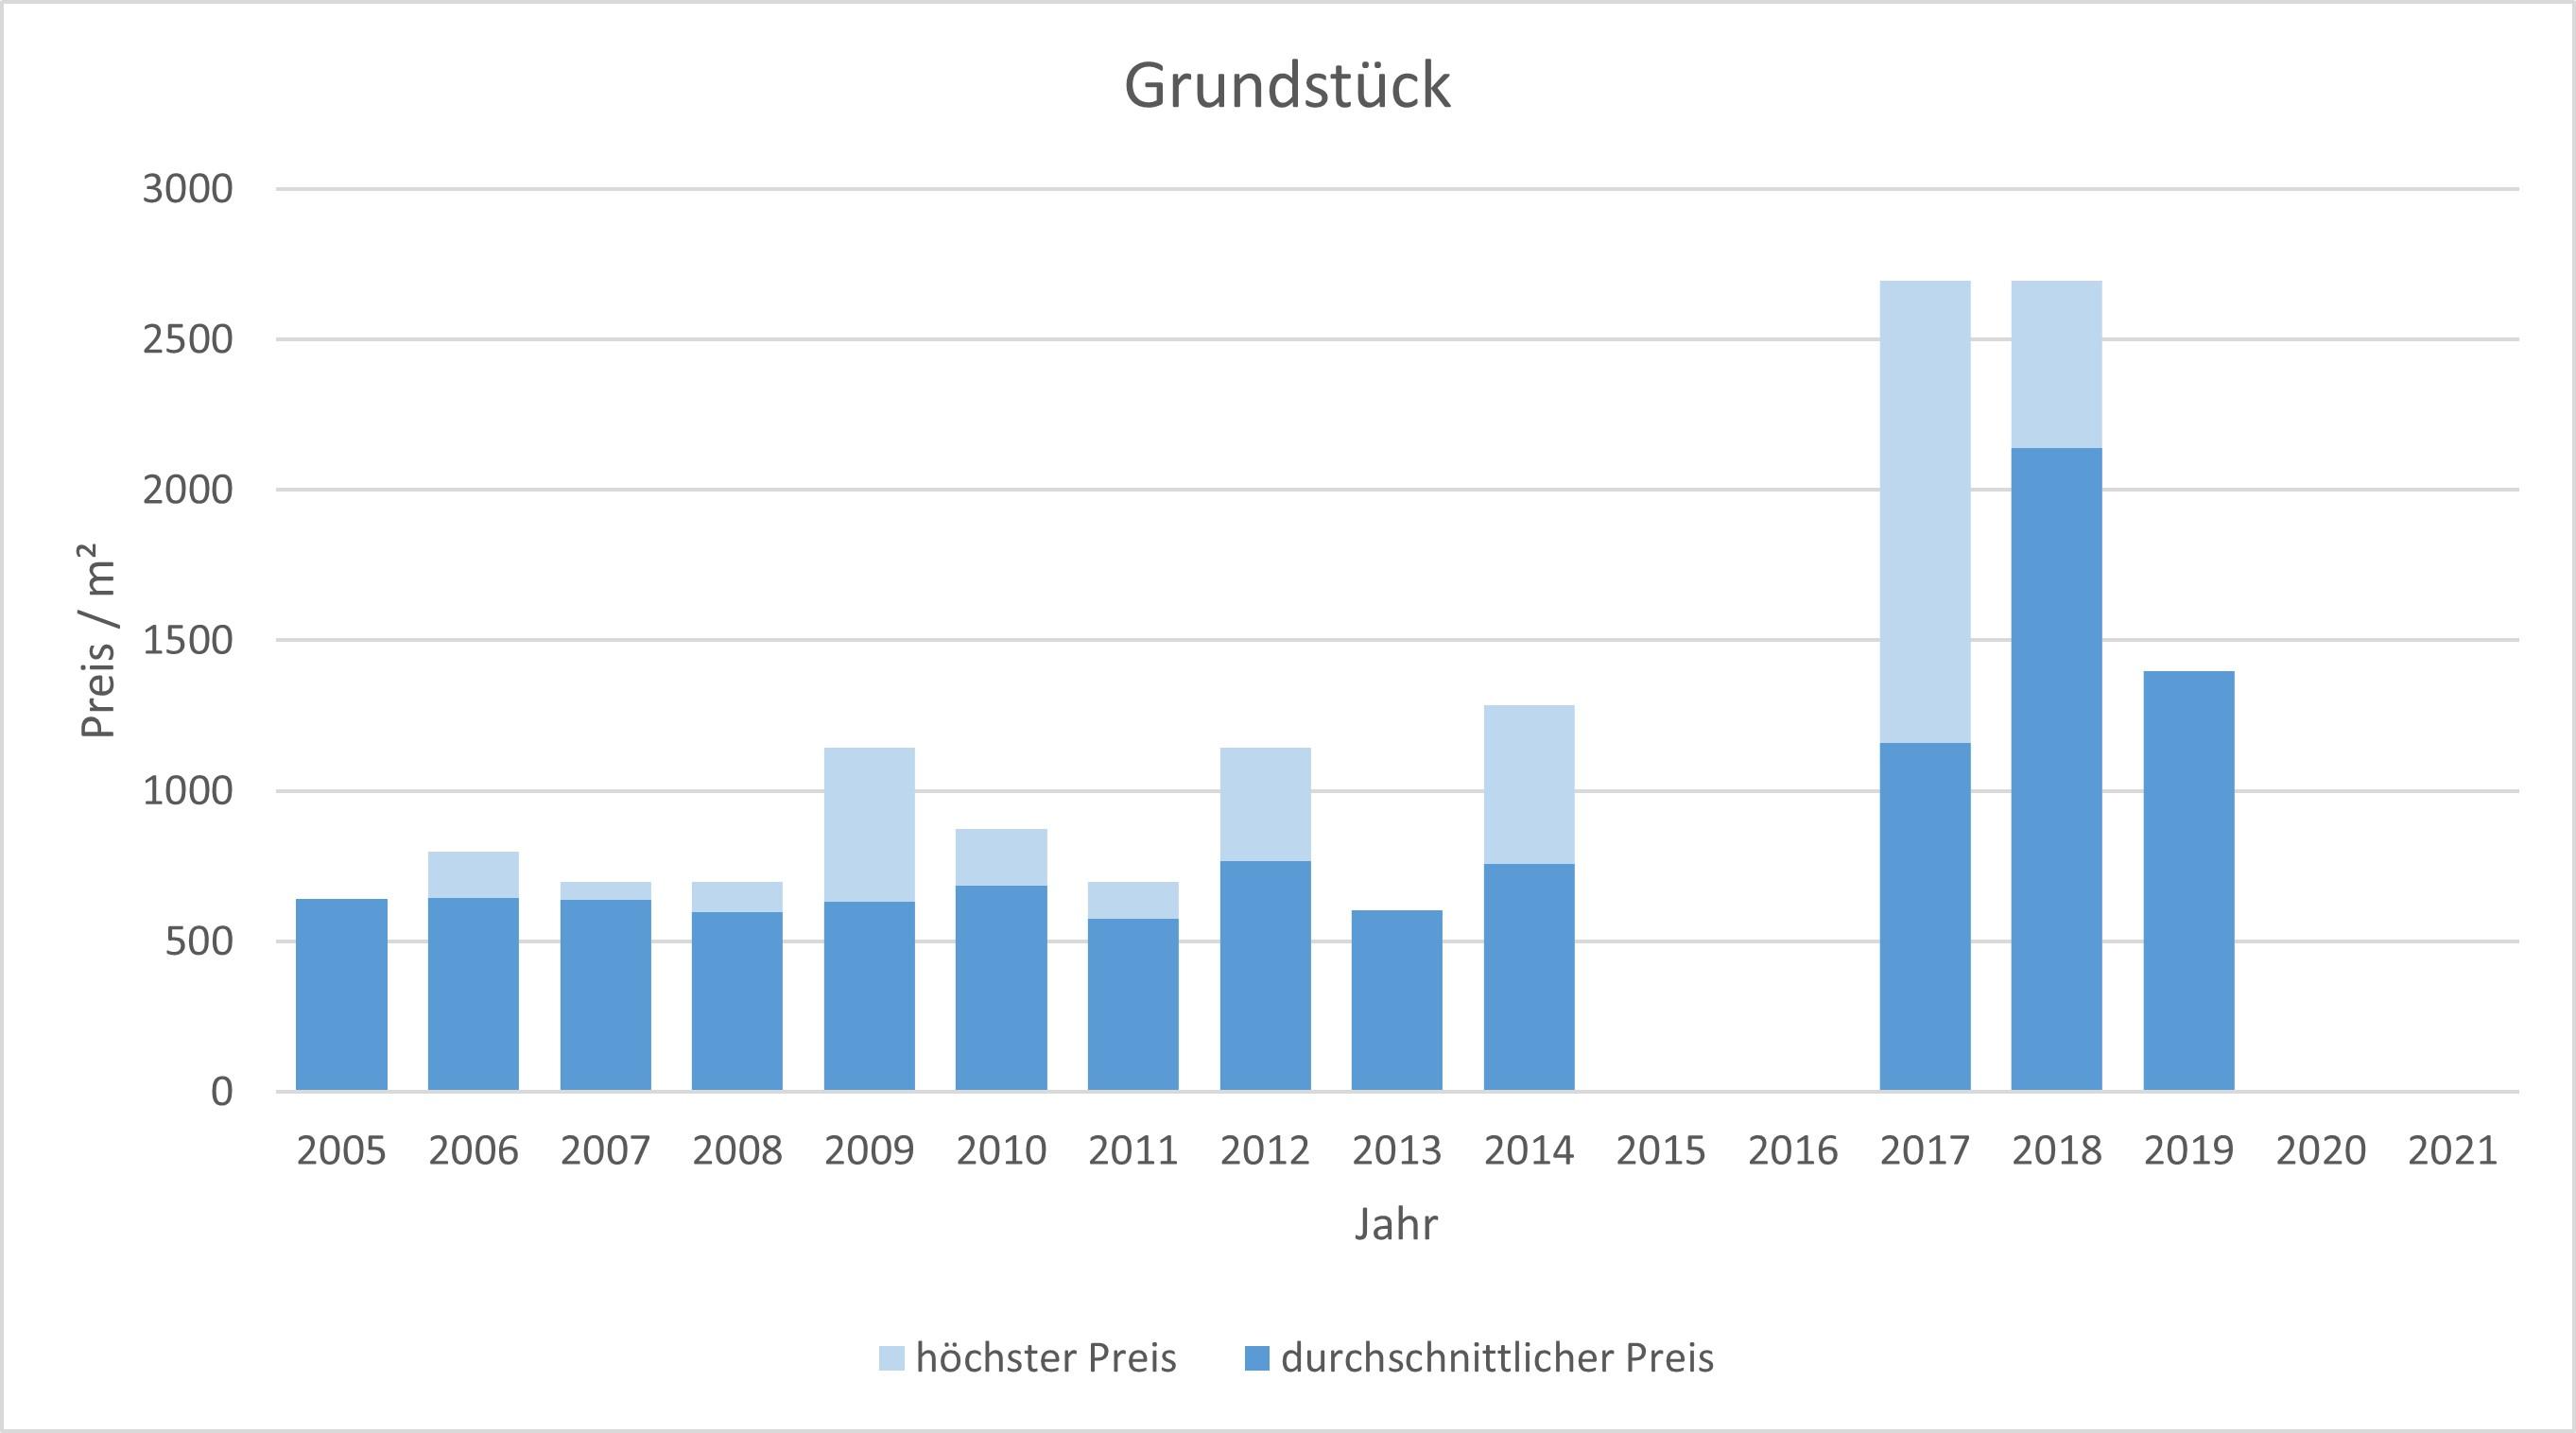 Aschheim Makler Grundstück Kaufen Verkaufen Preis Bewertung 2019, 2020, 2021